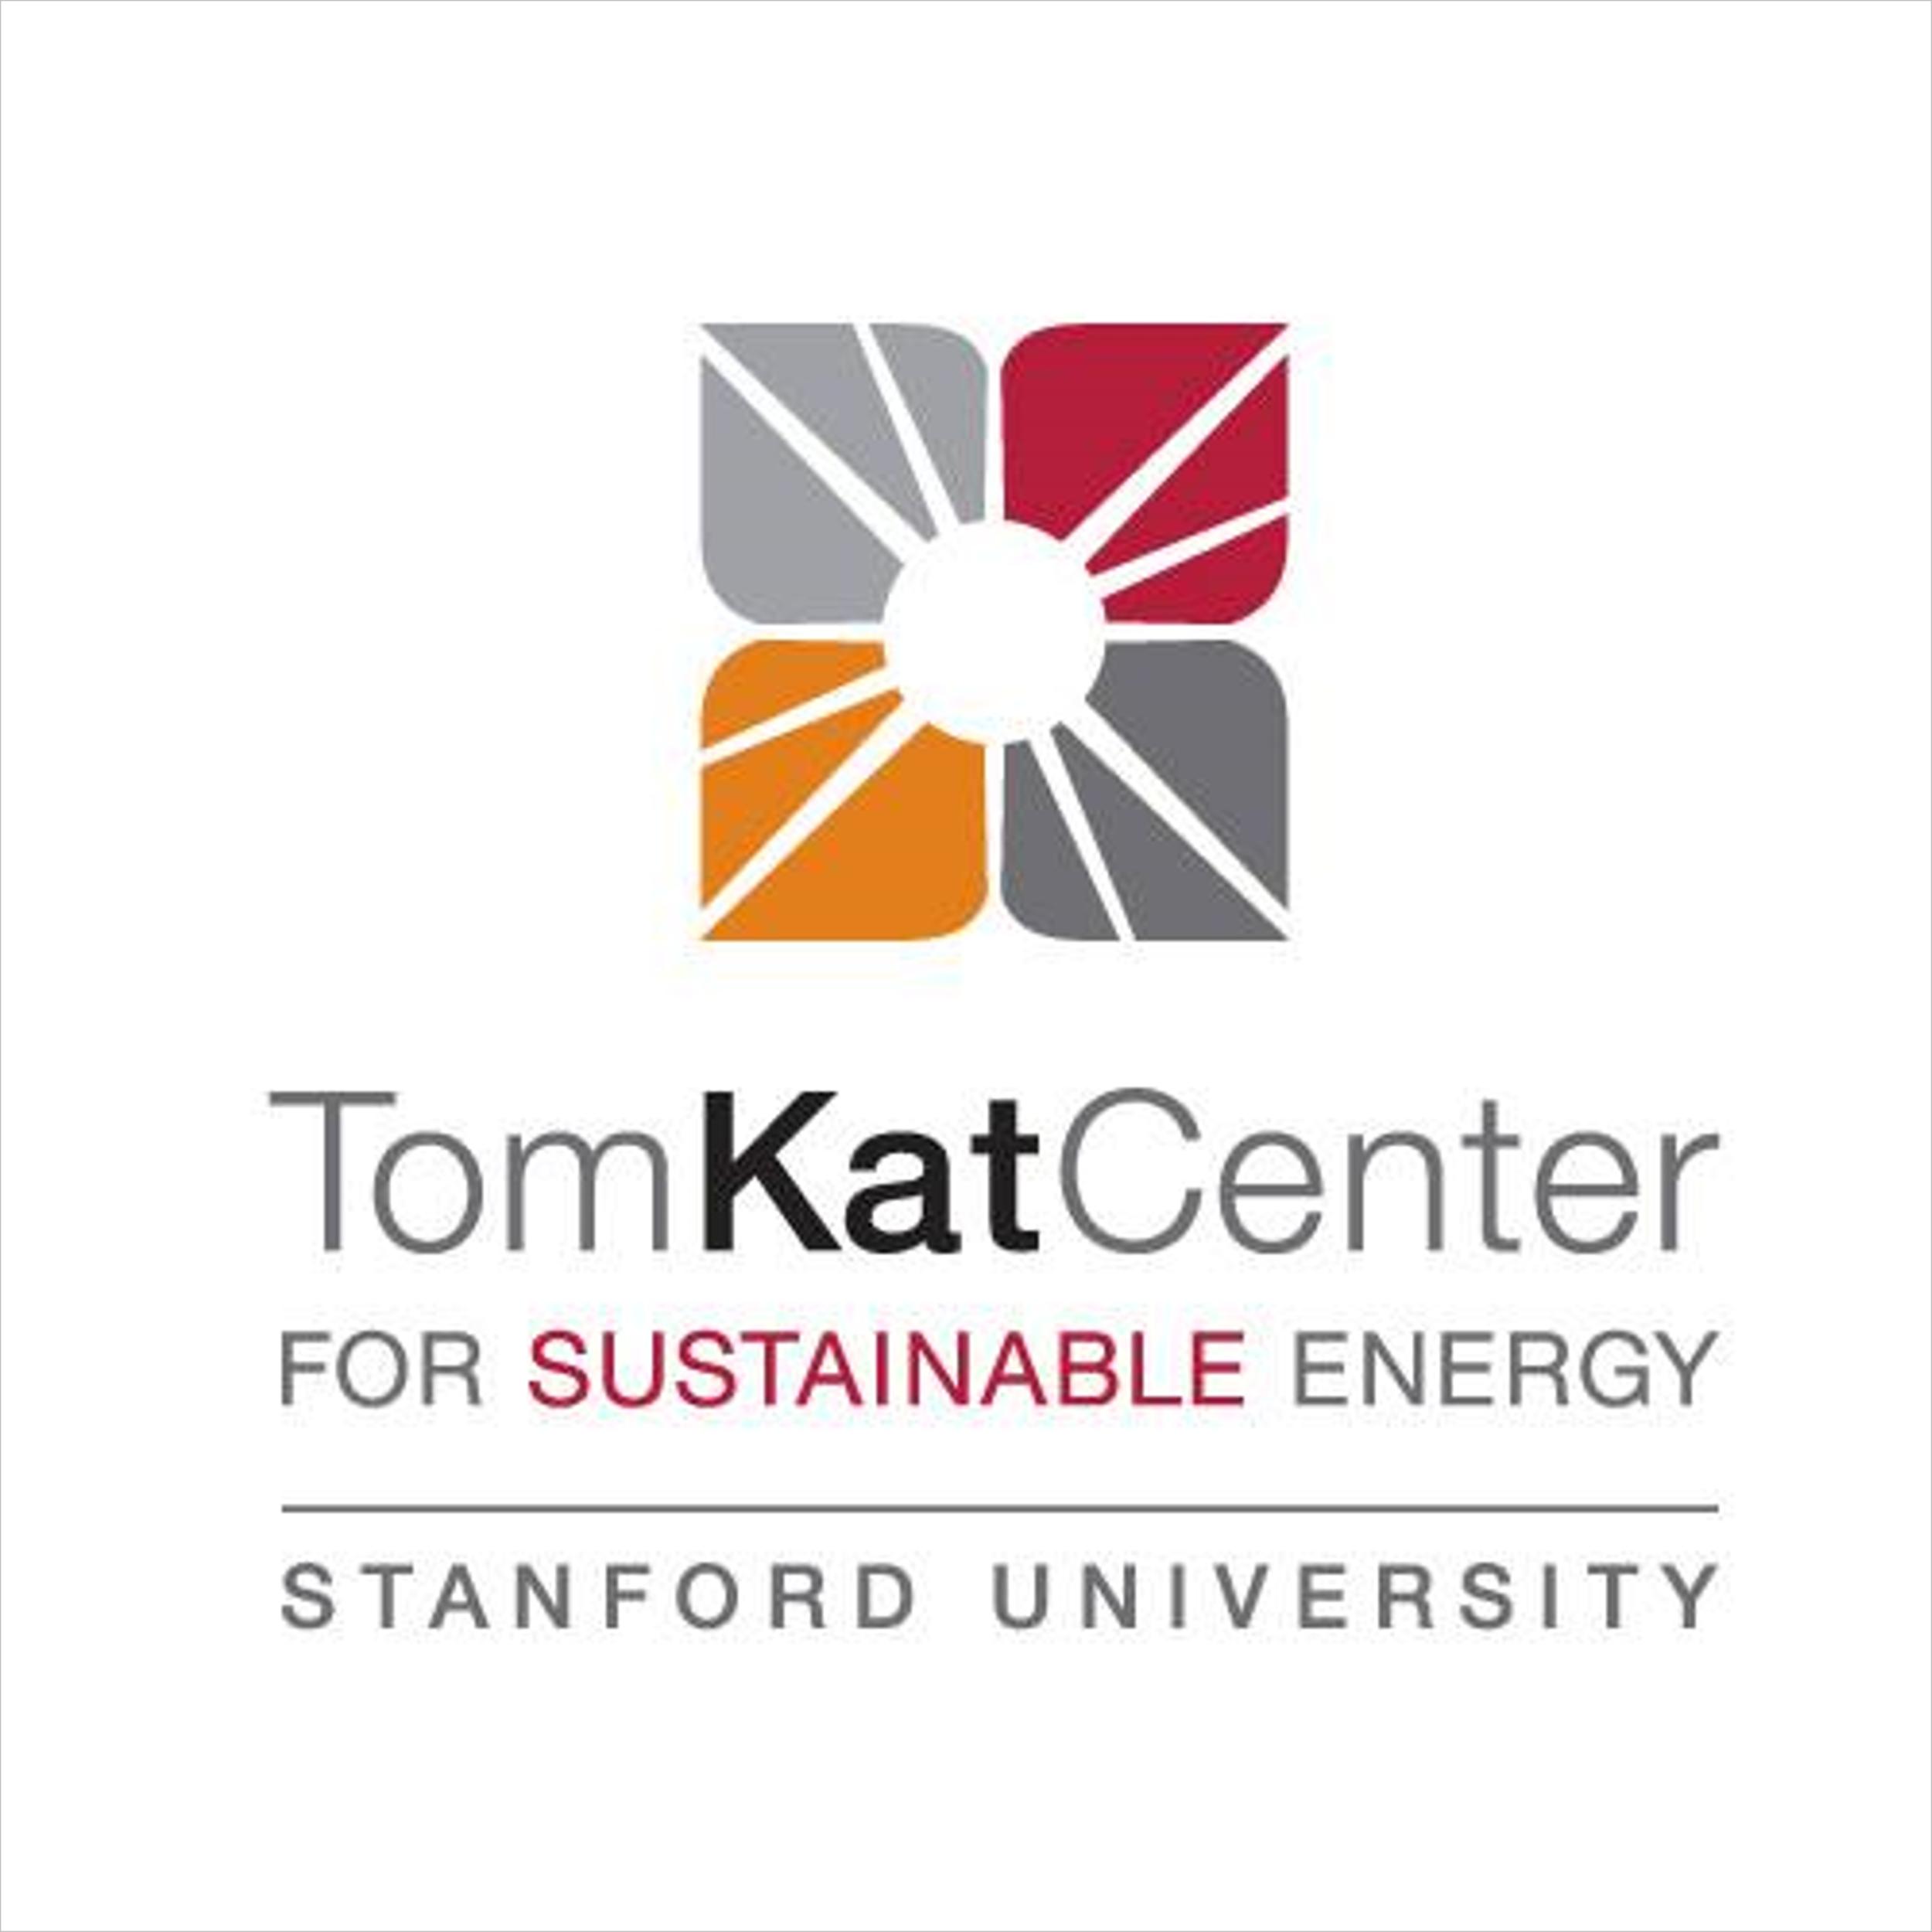 TomKatCenter.png